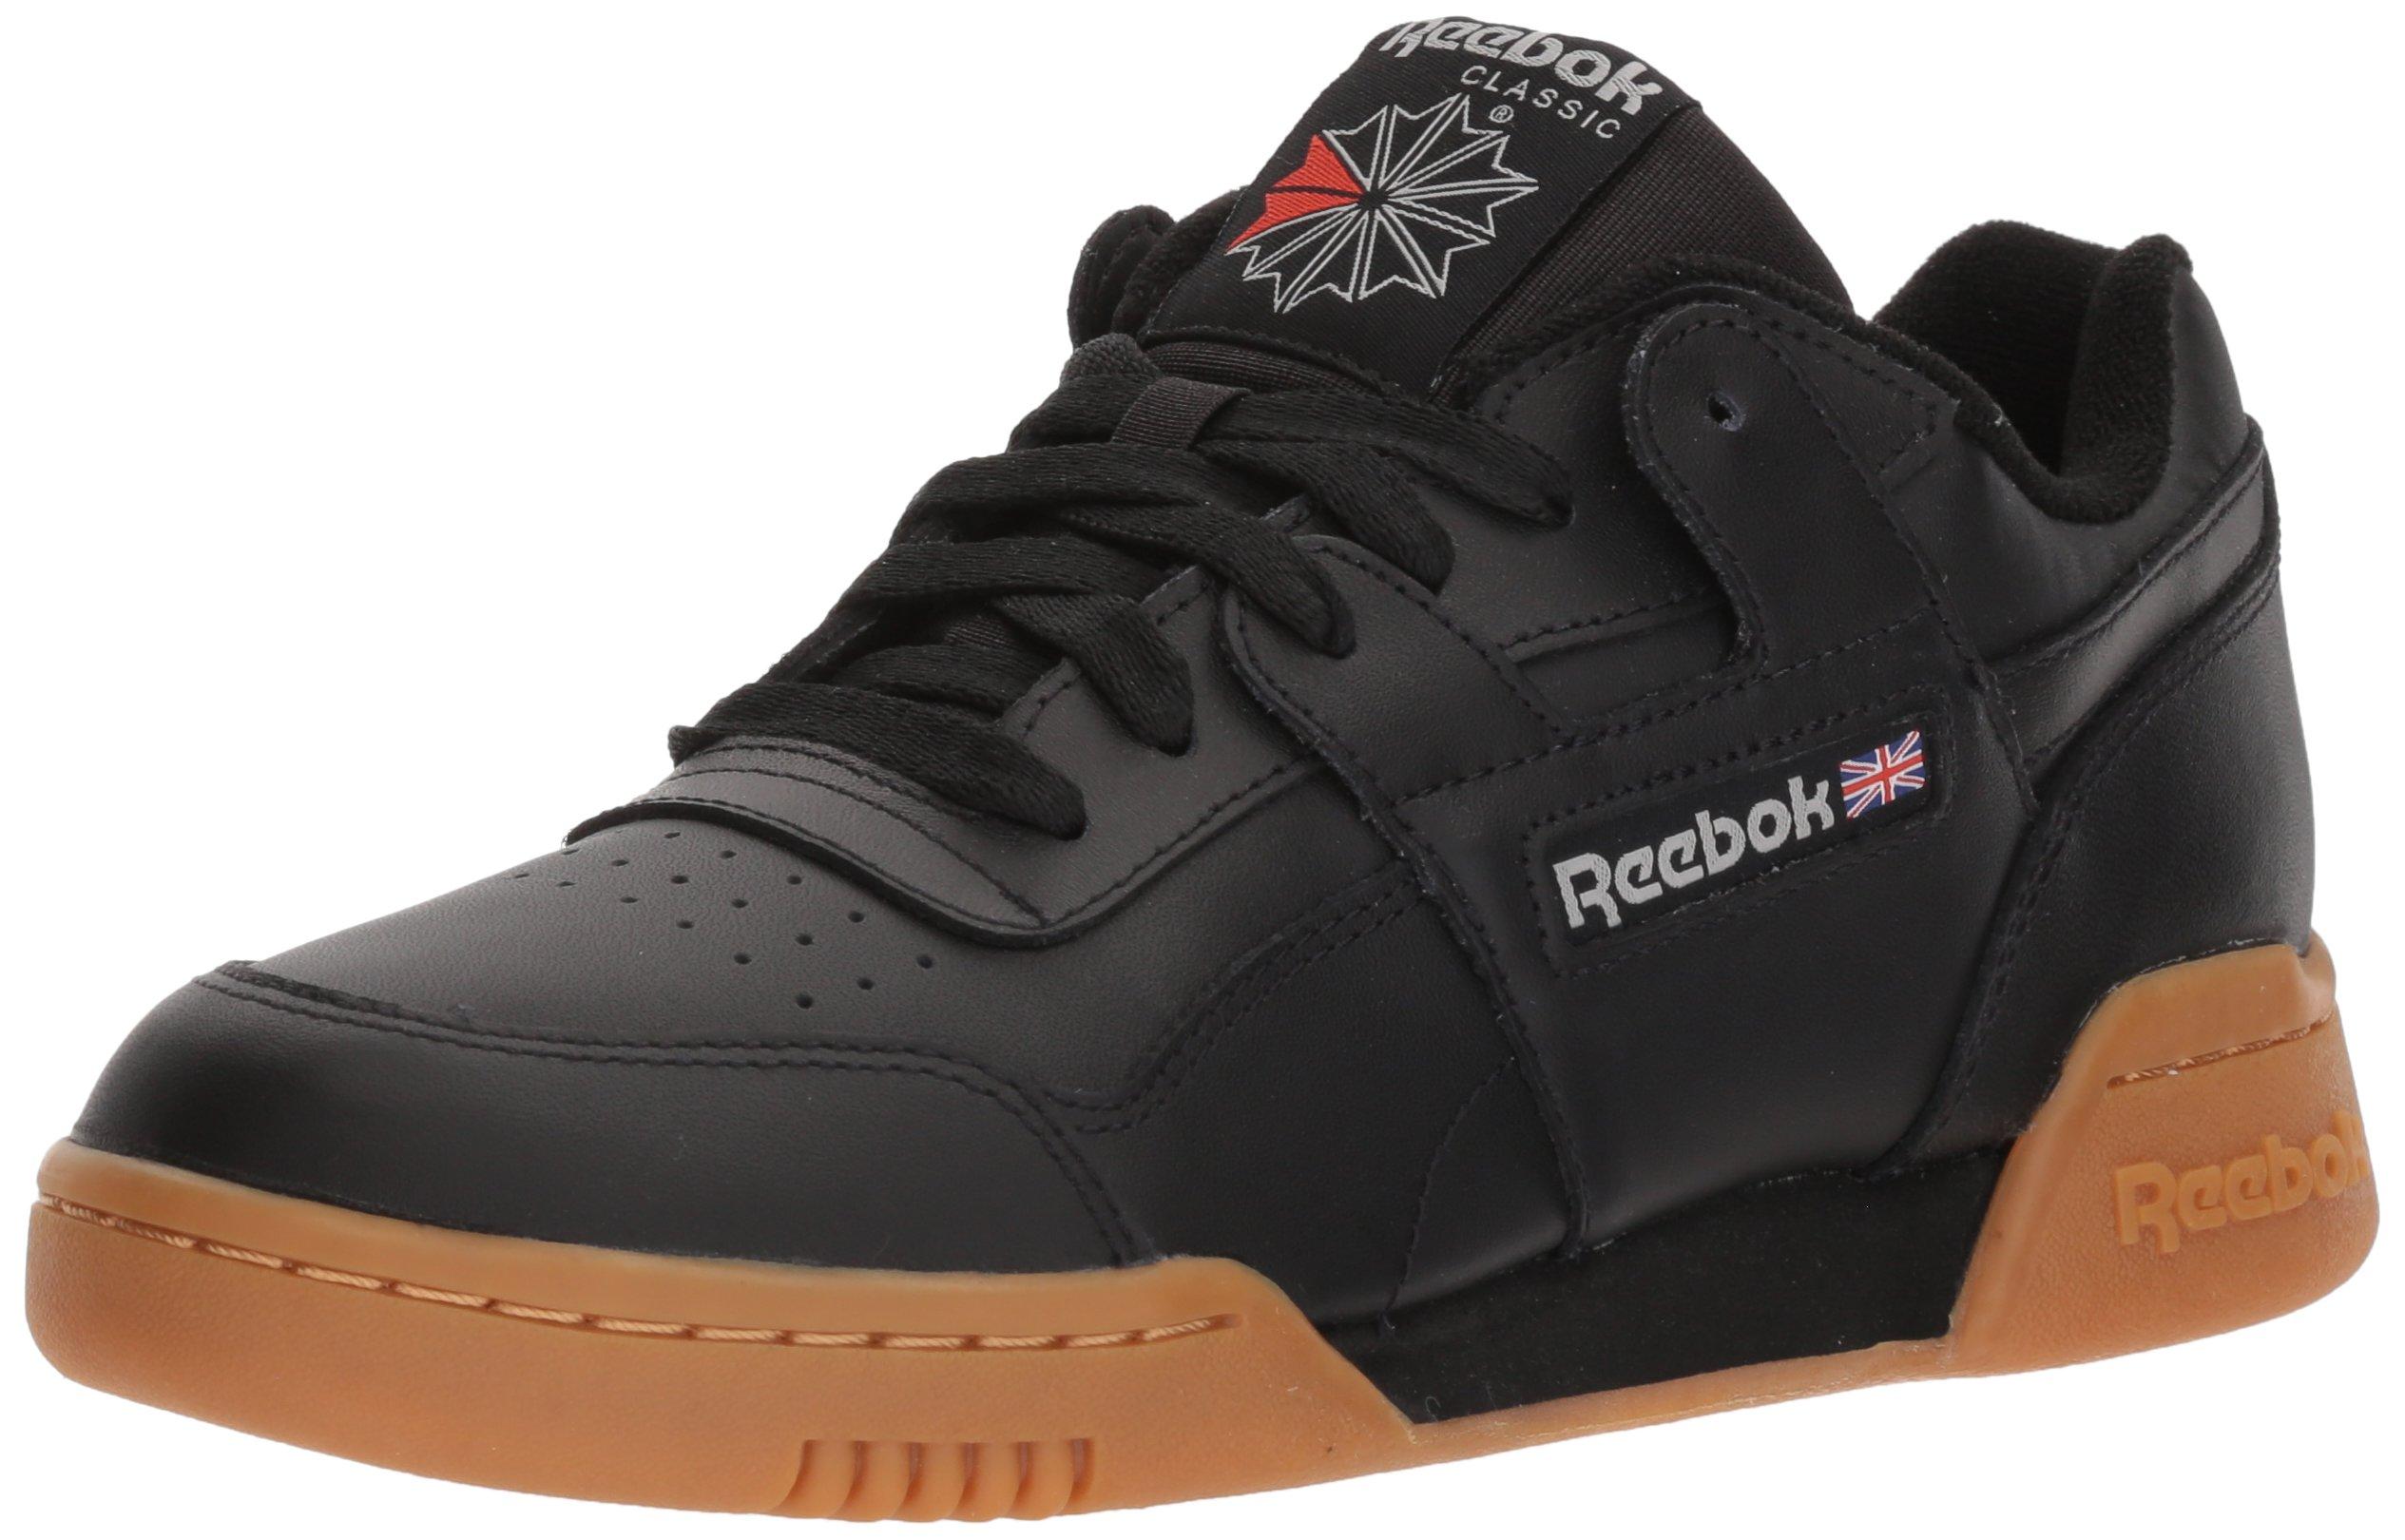 b41e1601c20 Galleon - Reebok Men s Workout Plus Cross Trainer Black Carbon Classic Red  10.5 M US